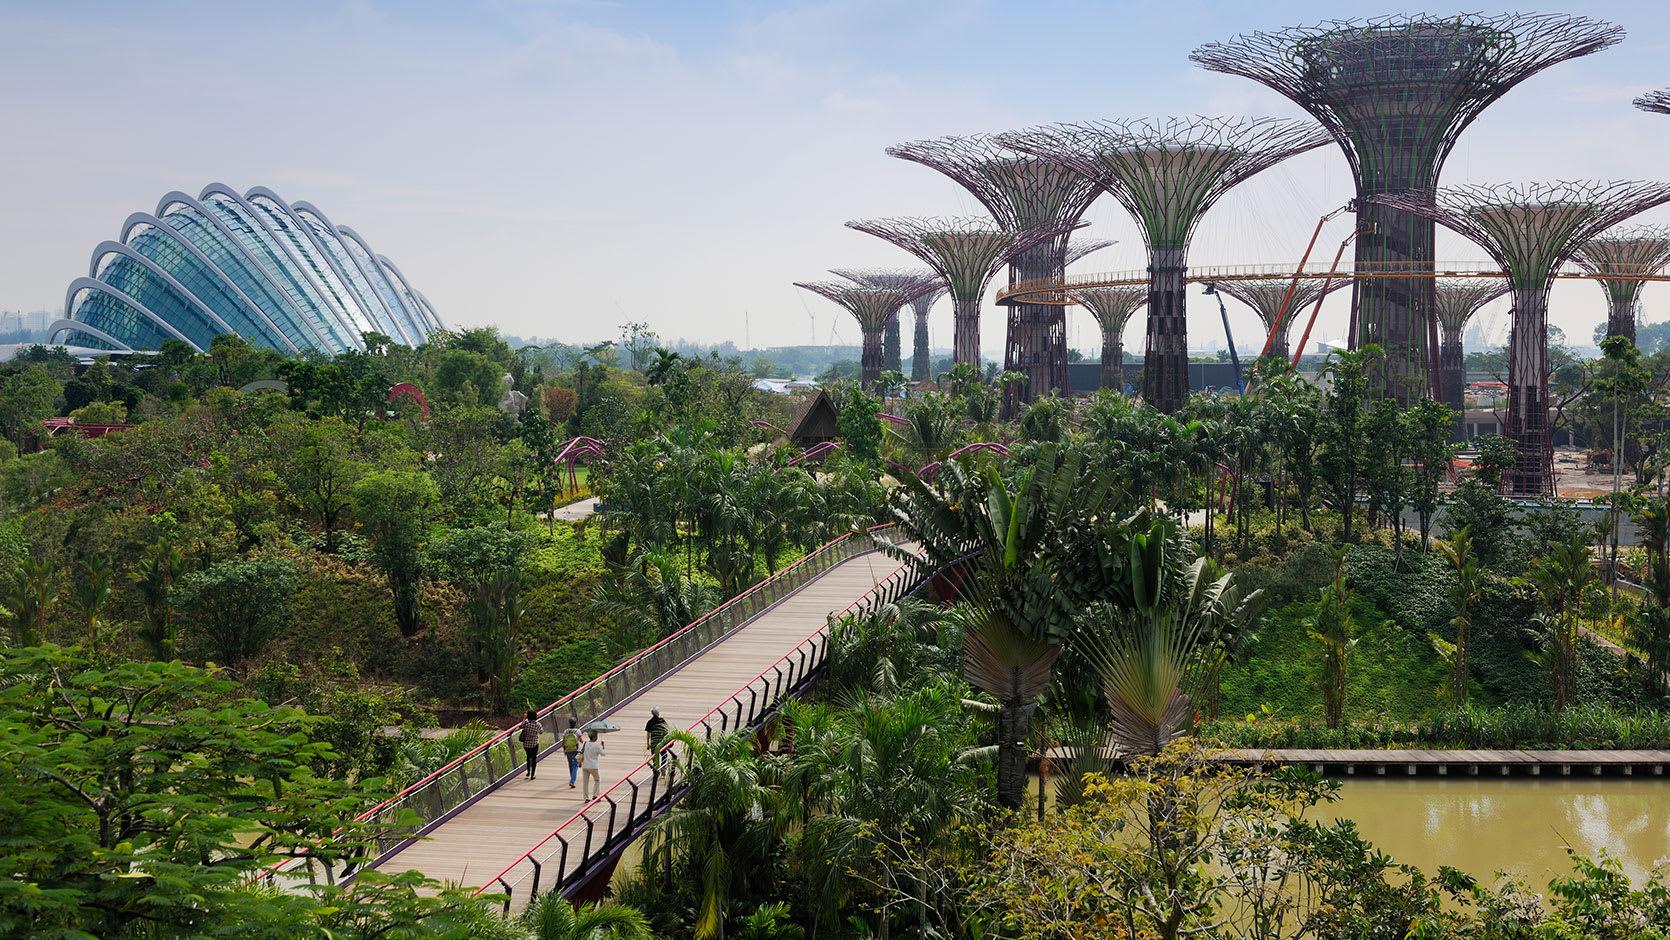 địa điểm du lịch dịp quốc khánh dành cho gia đình: gardens by the bay